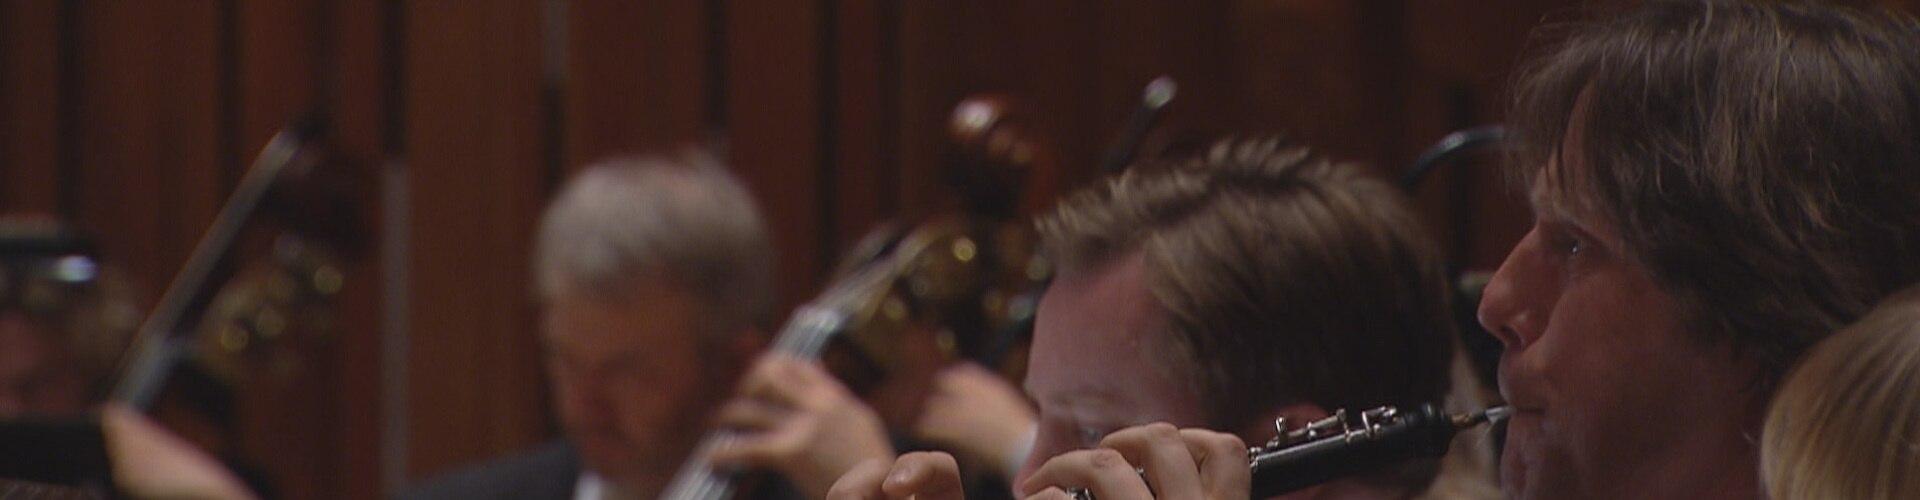 Watch Brahms & Szymanowski Symphony 2 Online